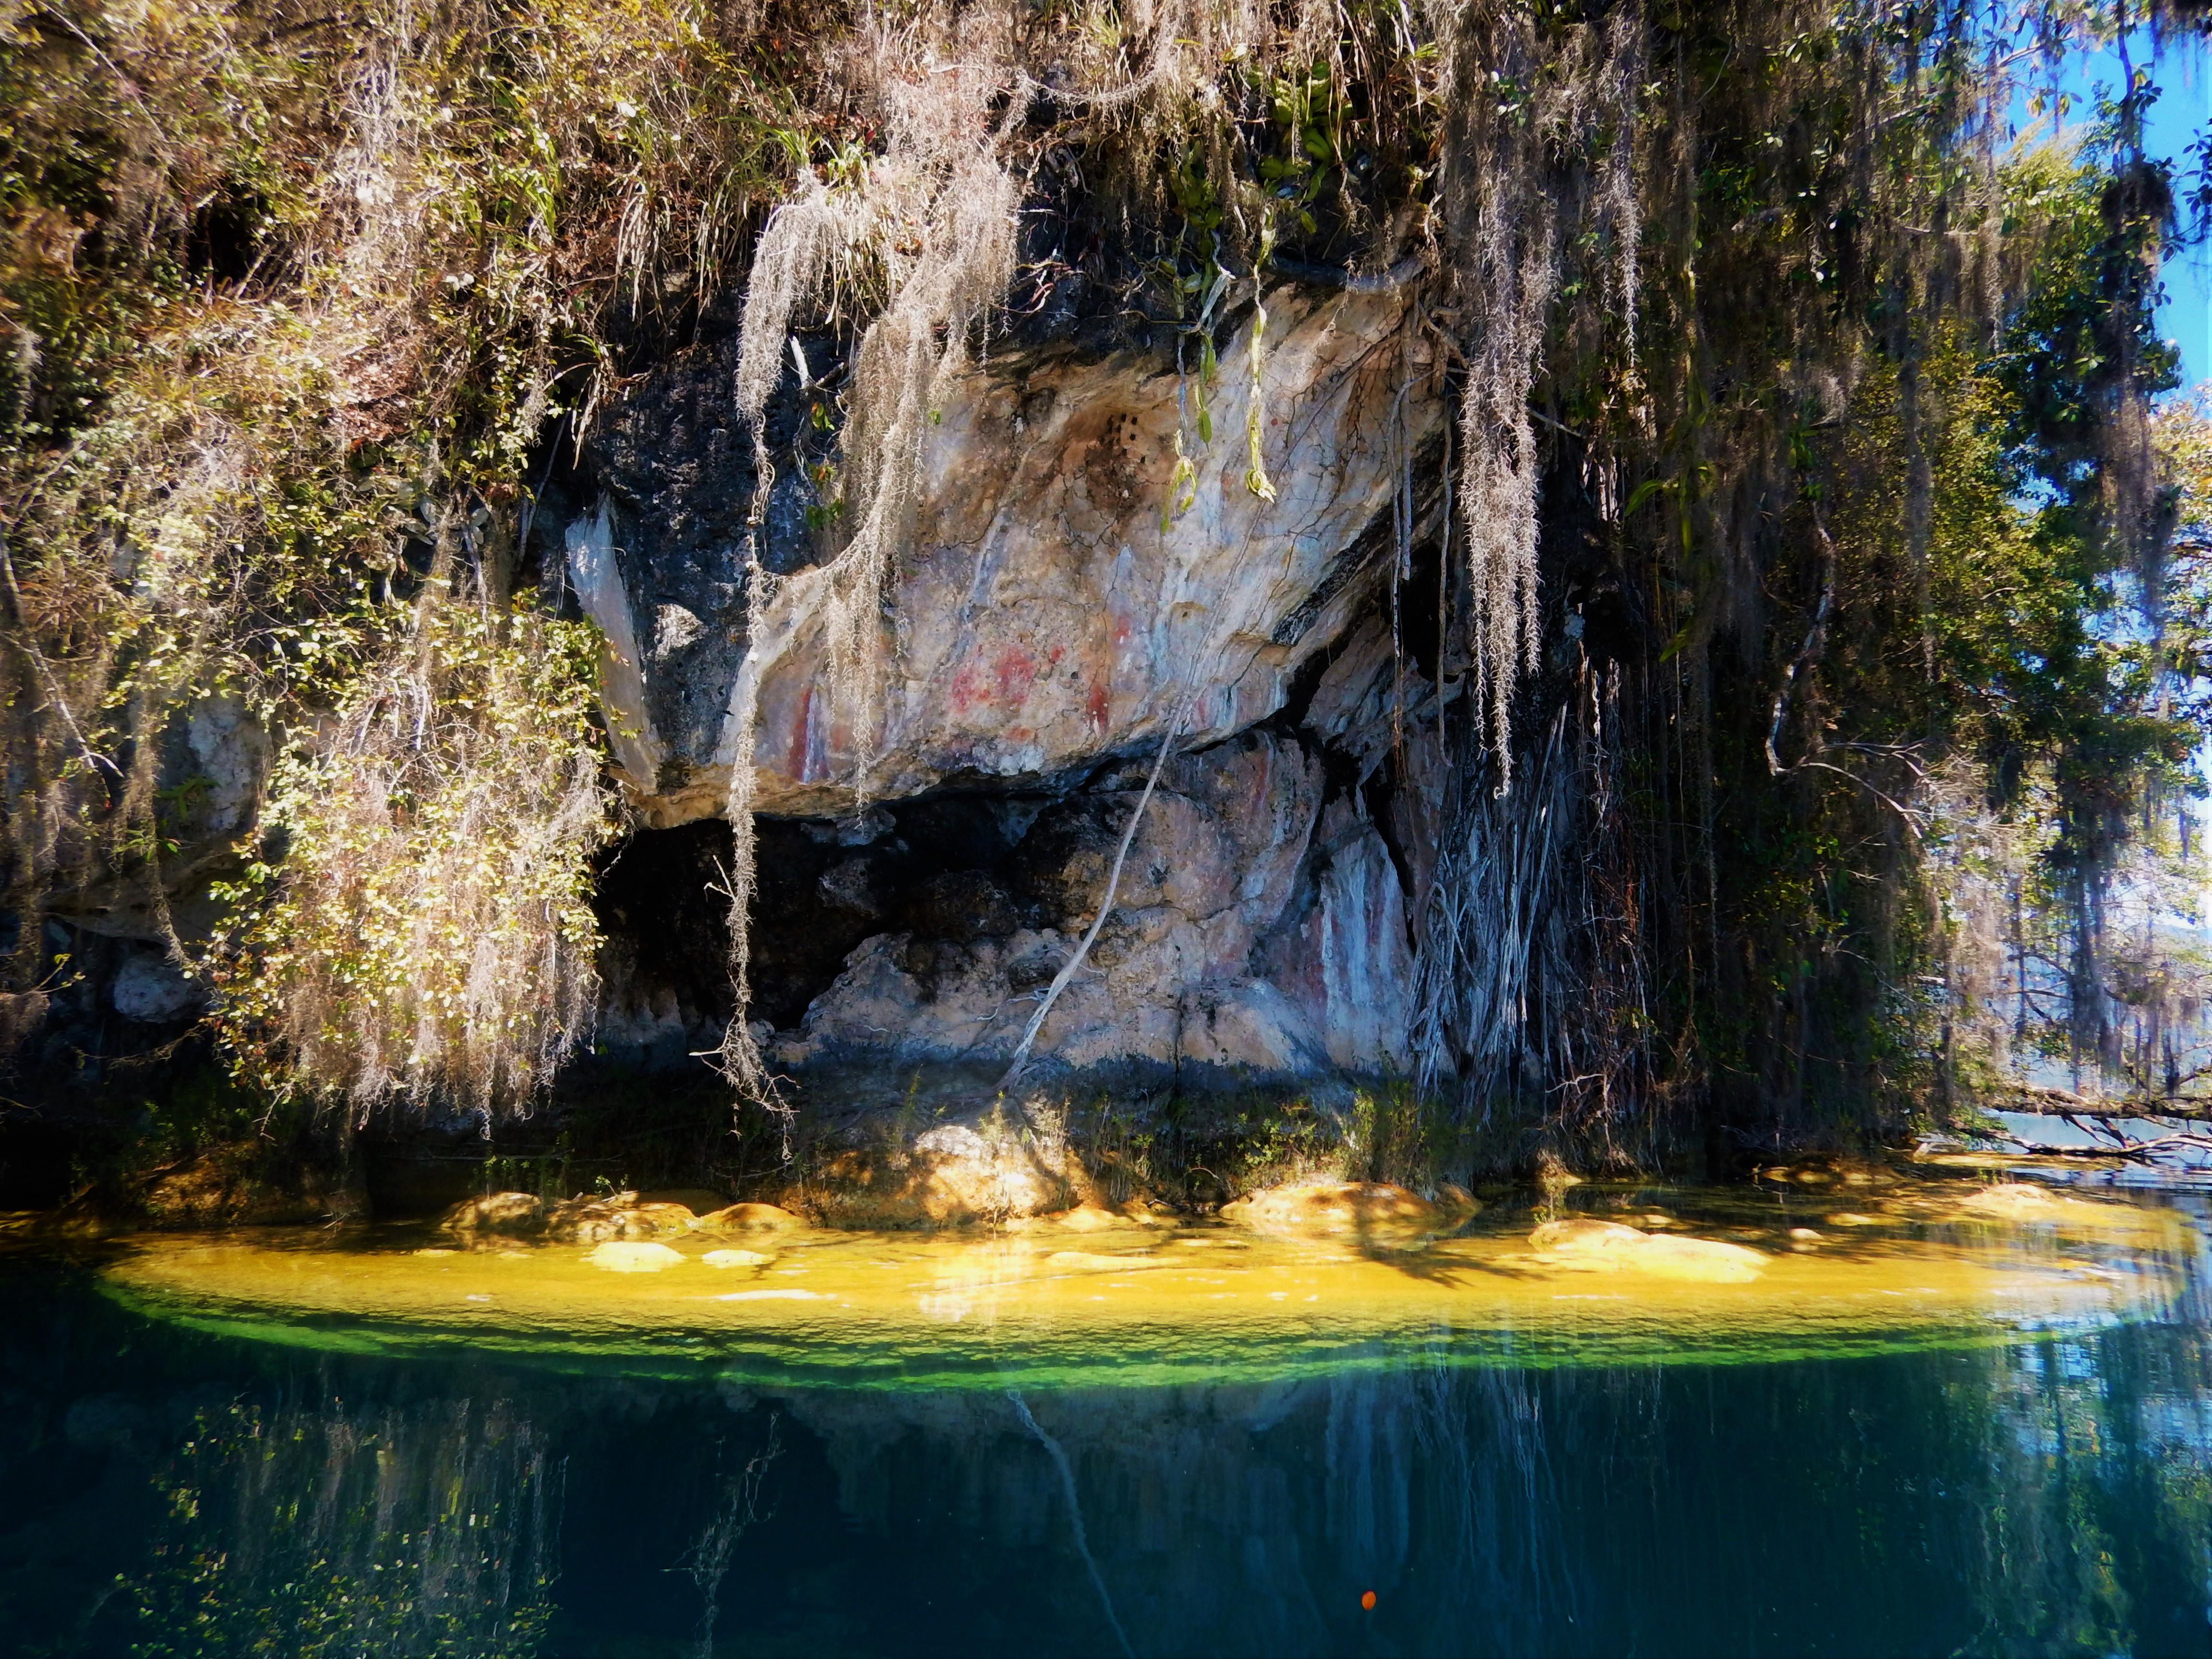 Pinturas rupestres, Laguna de Miramar, Chiapas